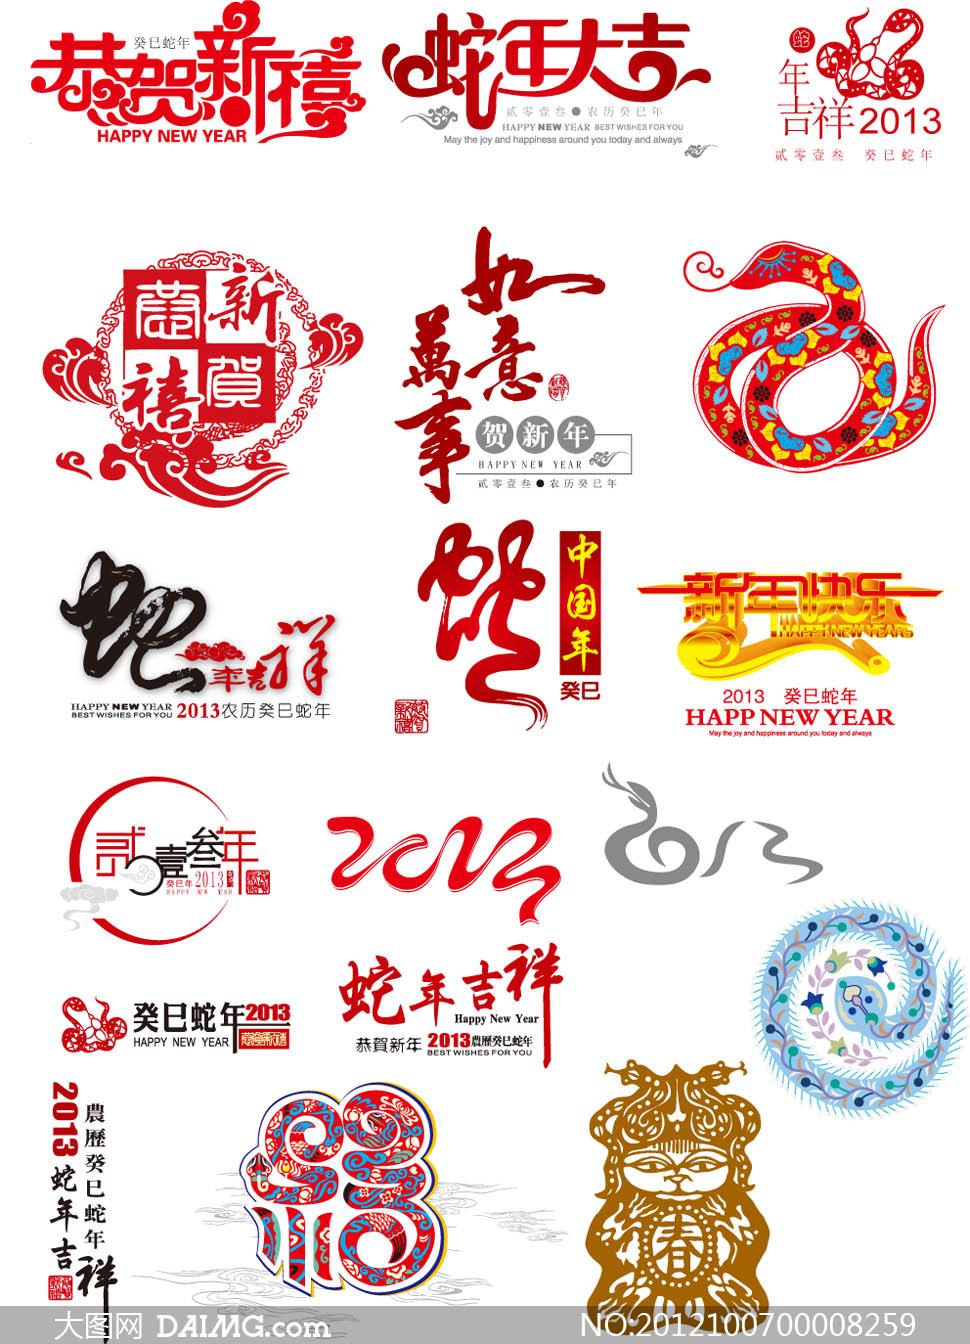 快乐剪纸蛇福字春节蛇剪纸贺新年艺术字字体设计设计元素广告设计模板